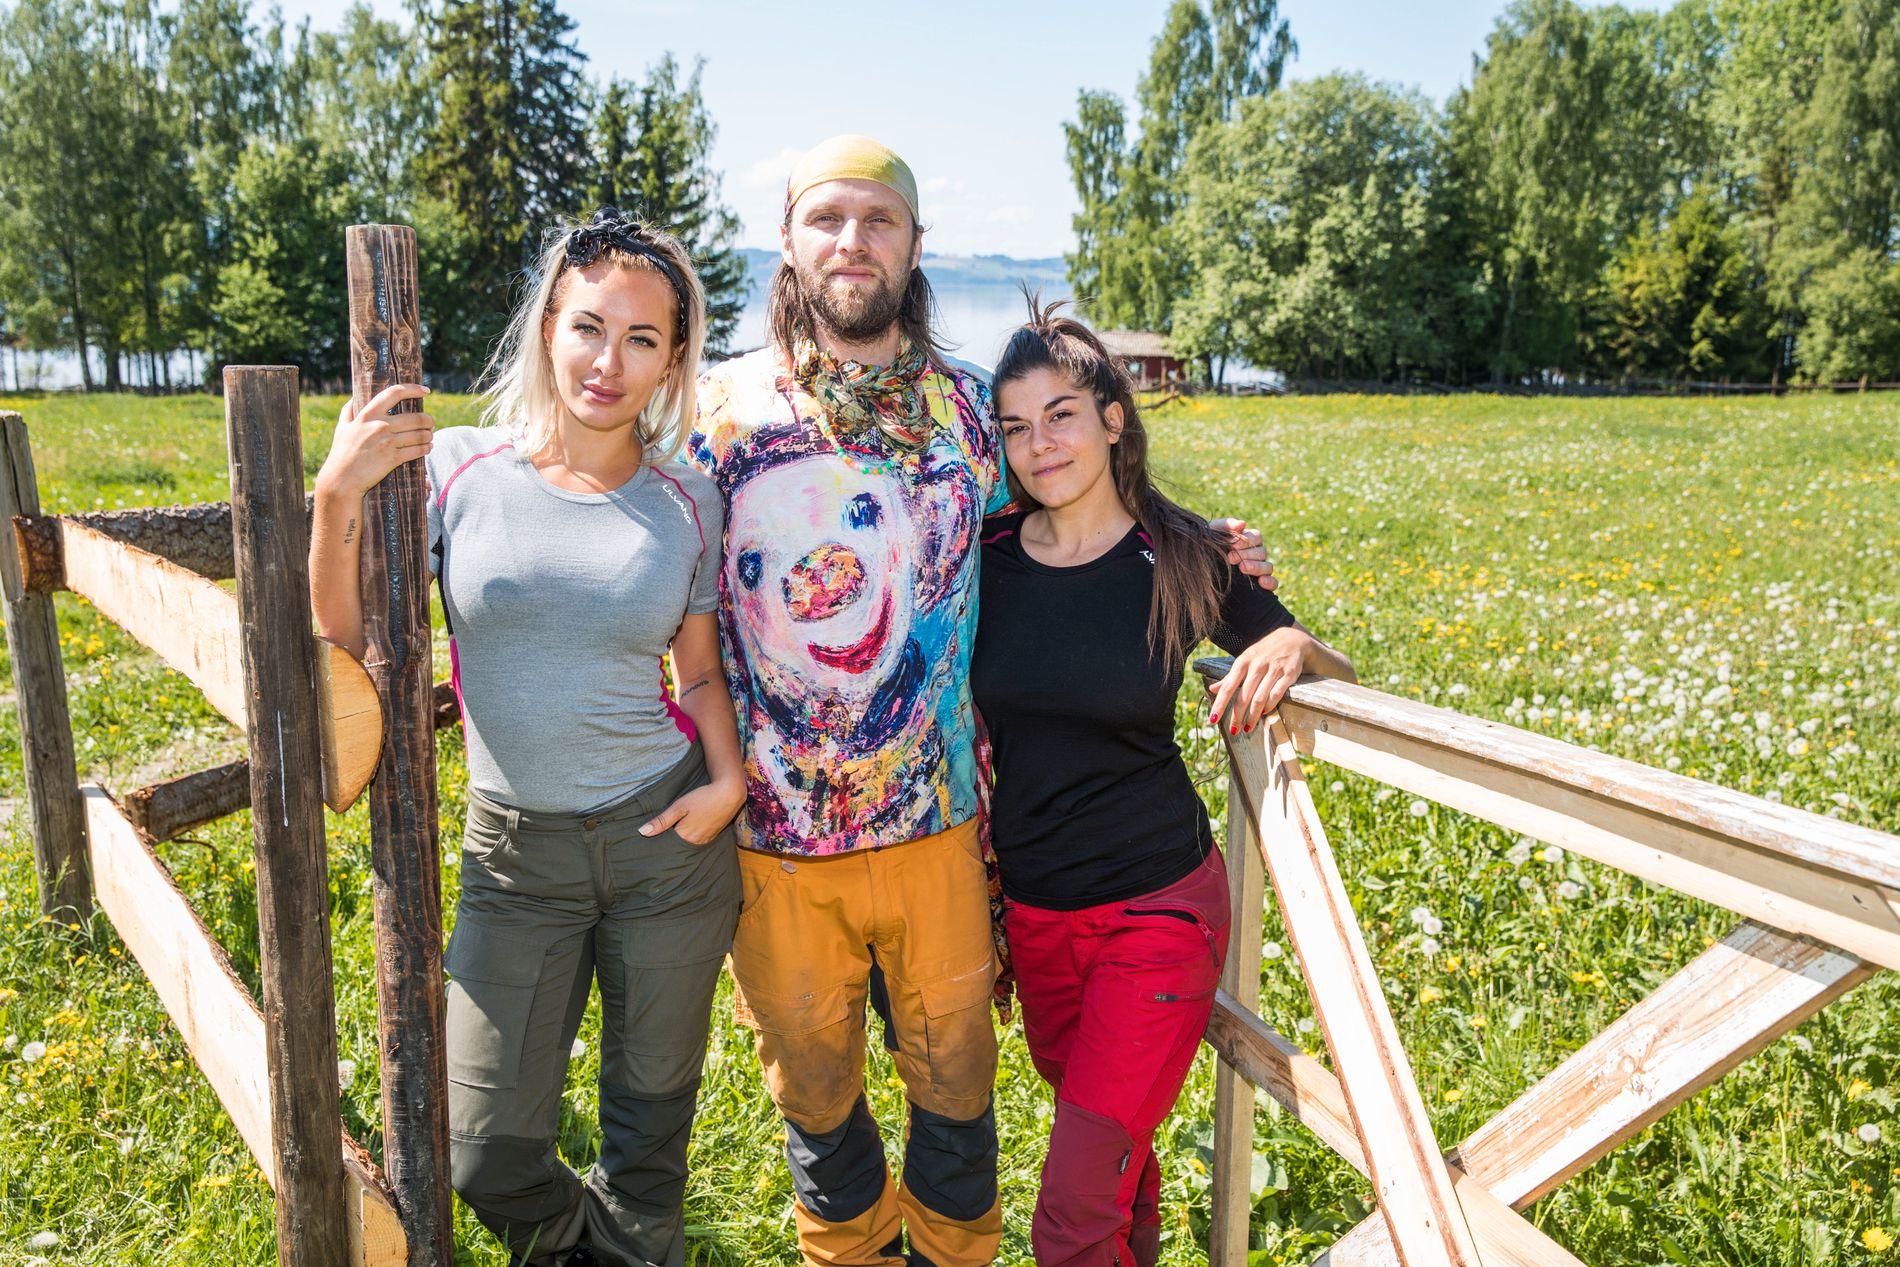 GIKK HELT TIL TOPPS: Carina Dahl vant sidekonkurransen «Torpet» i konkurranse med blant andre Aune Sand og Kristin Gjelsvik. Det sikret henne plass i «Farmen kjendis».